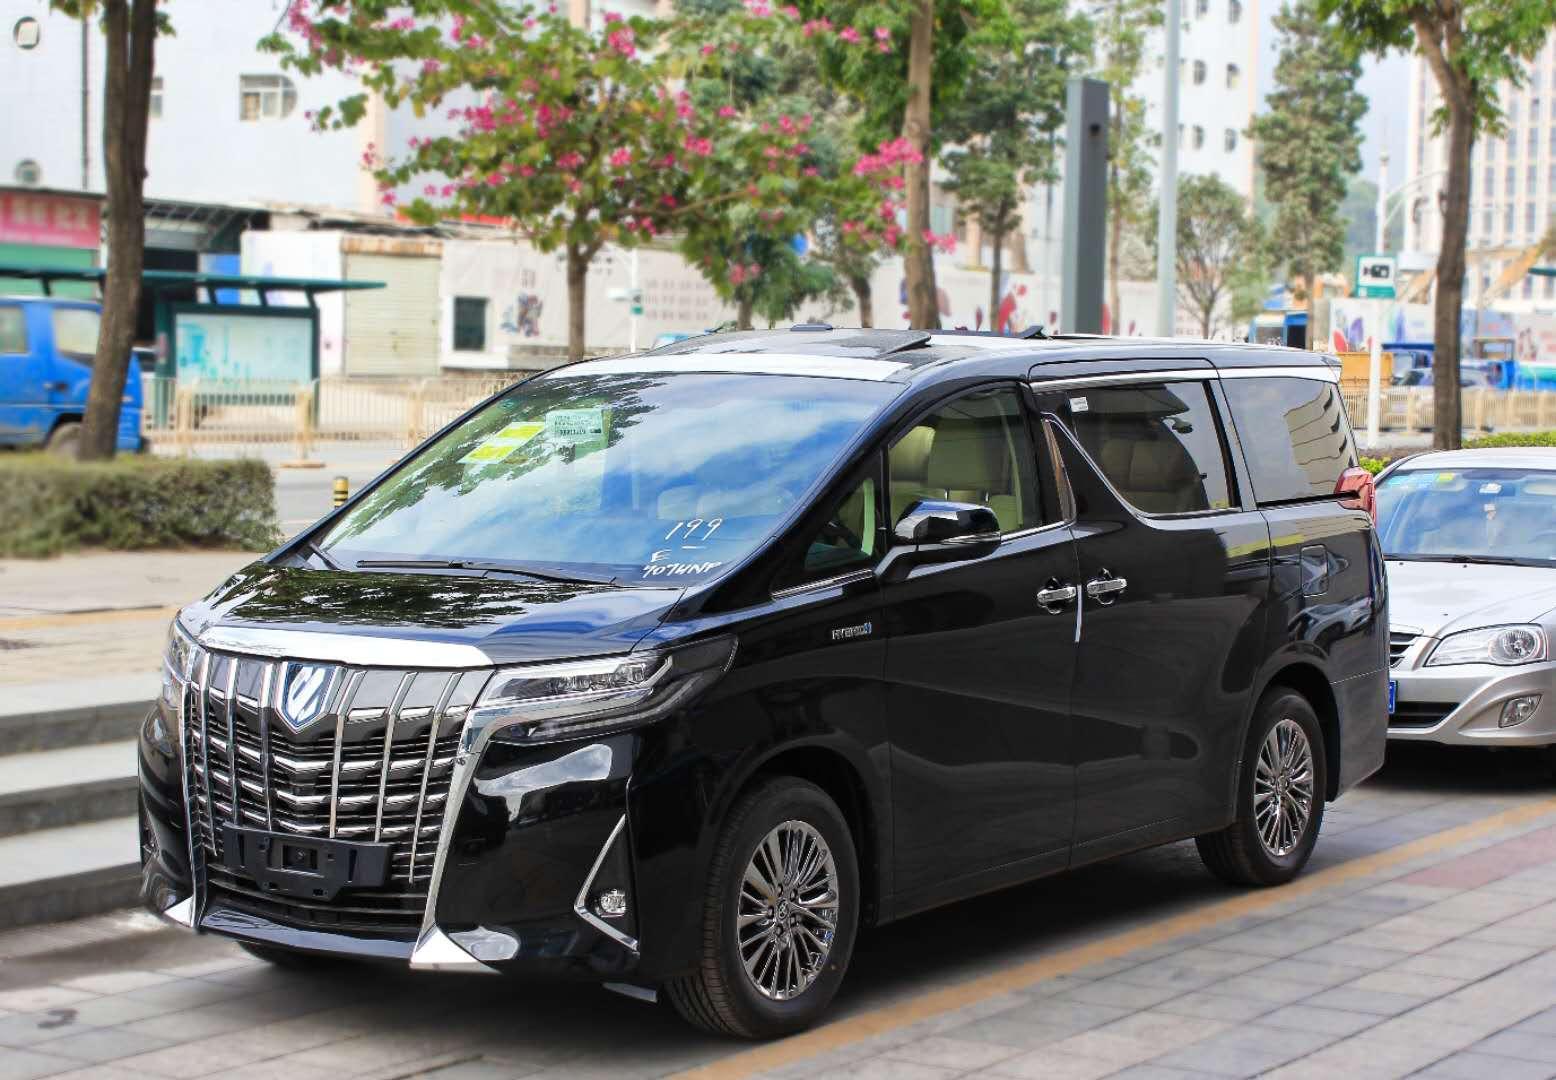 新款30系丰田埃尔法保姆车自驾/配驾服务